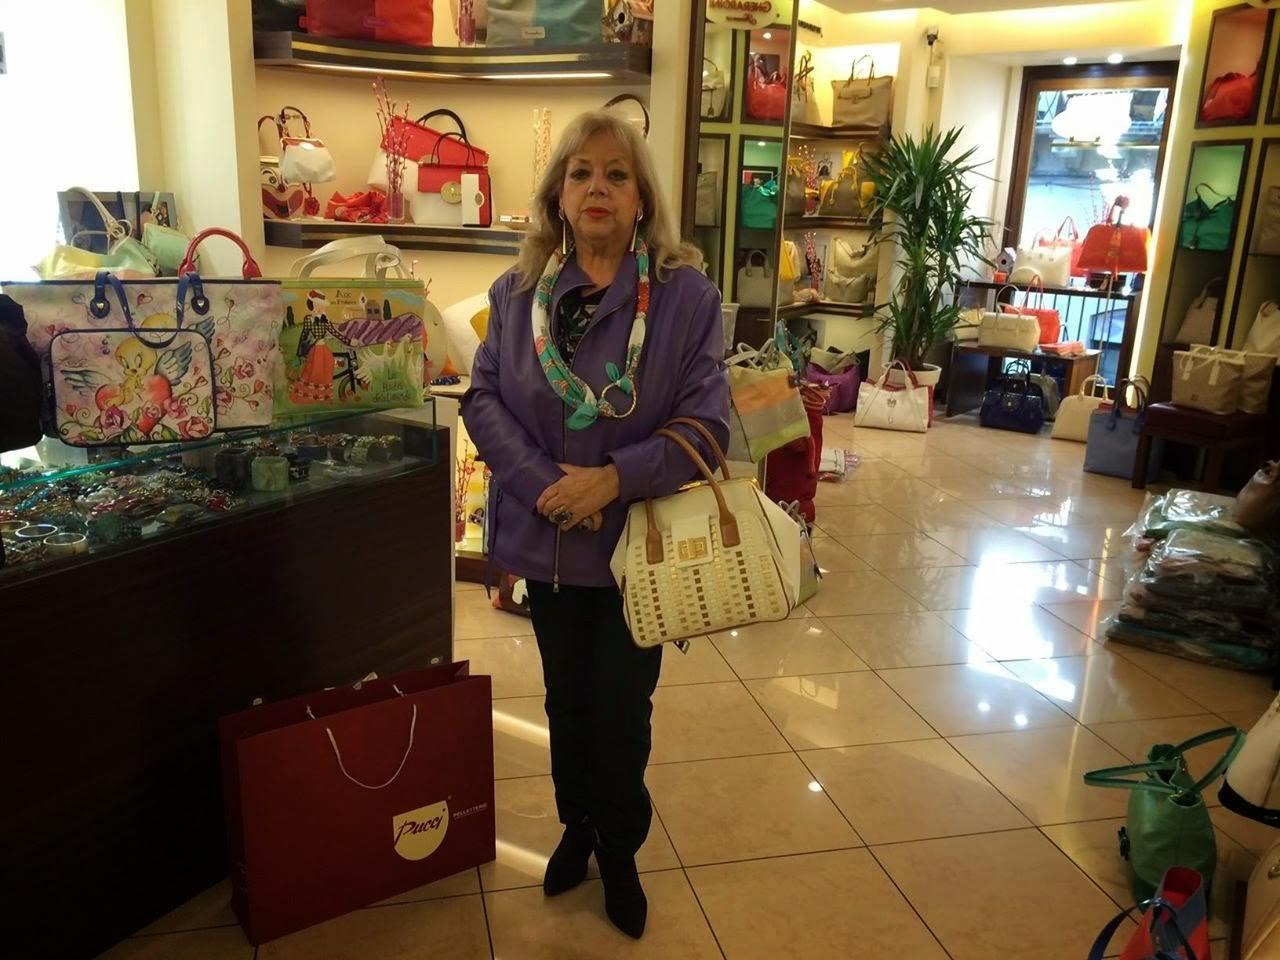 Arpista possiede oltre 300 borse Braccialini